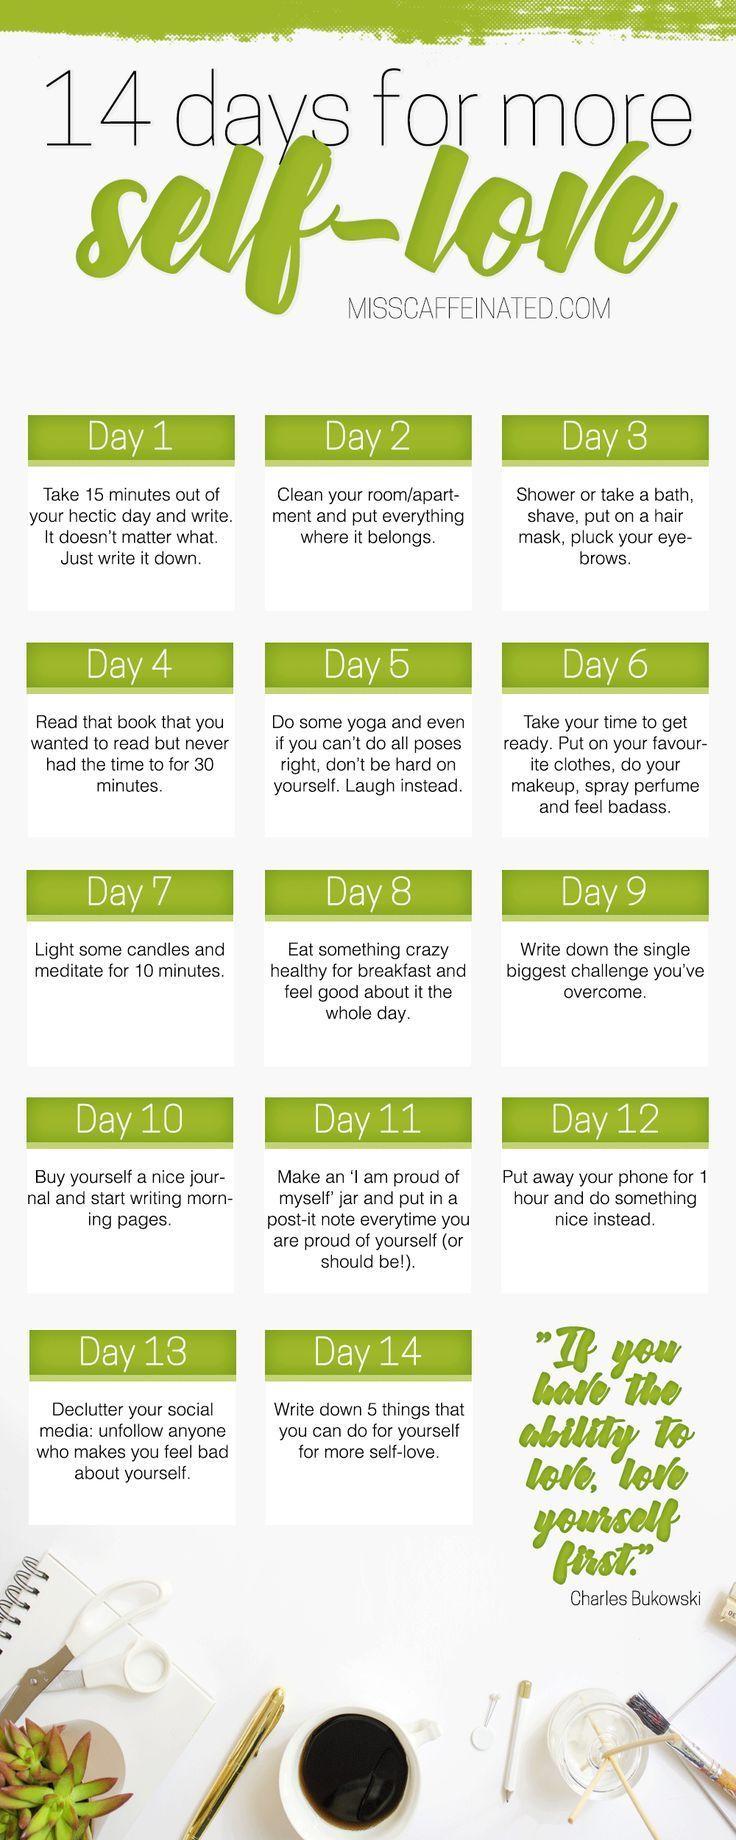 Liebst du dich selbst? Ich habe eine Herausforderung geschaffen, die Sie in 14 Tagen für mehr tun können